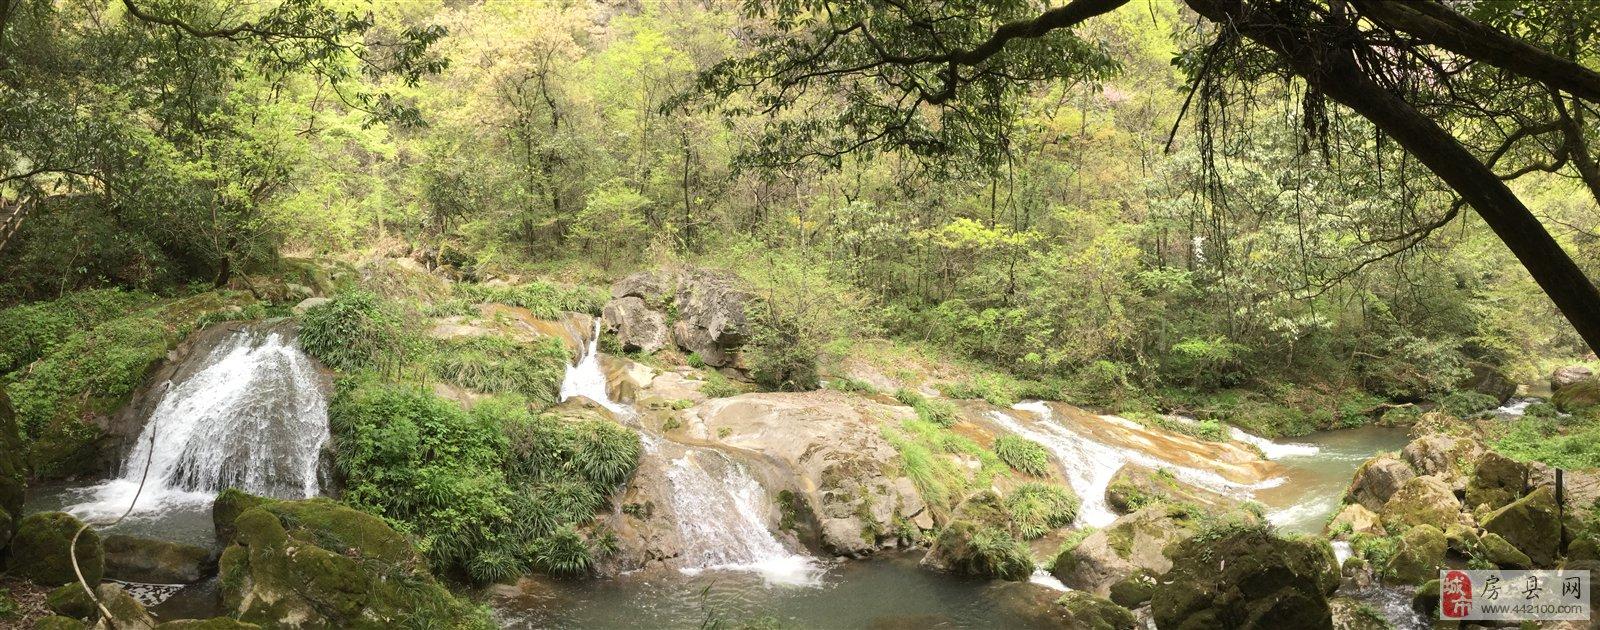 中国房县野人谷风景